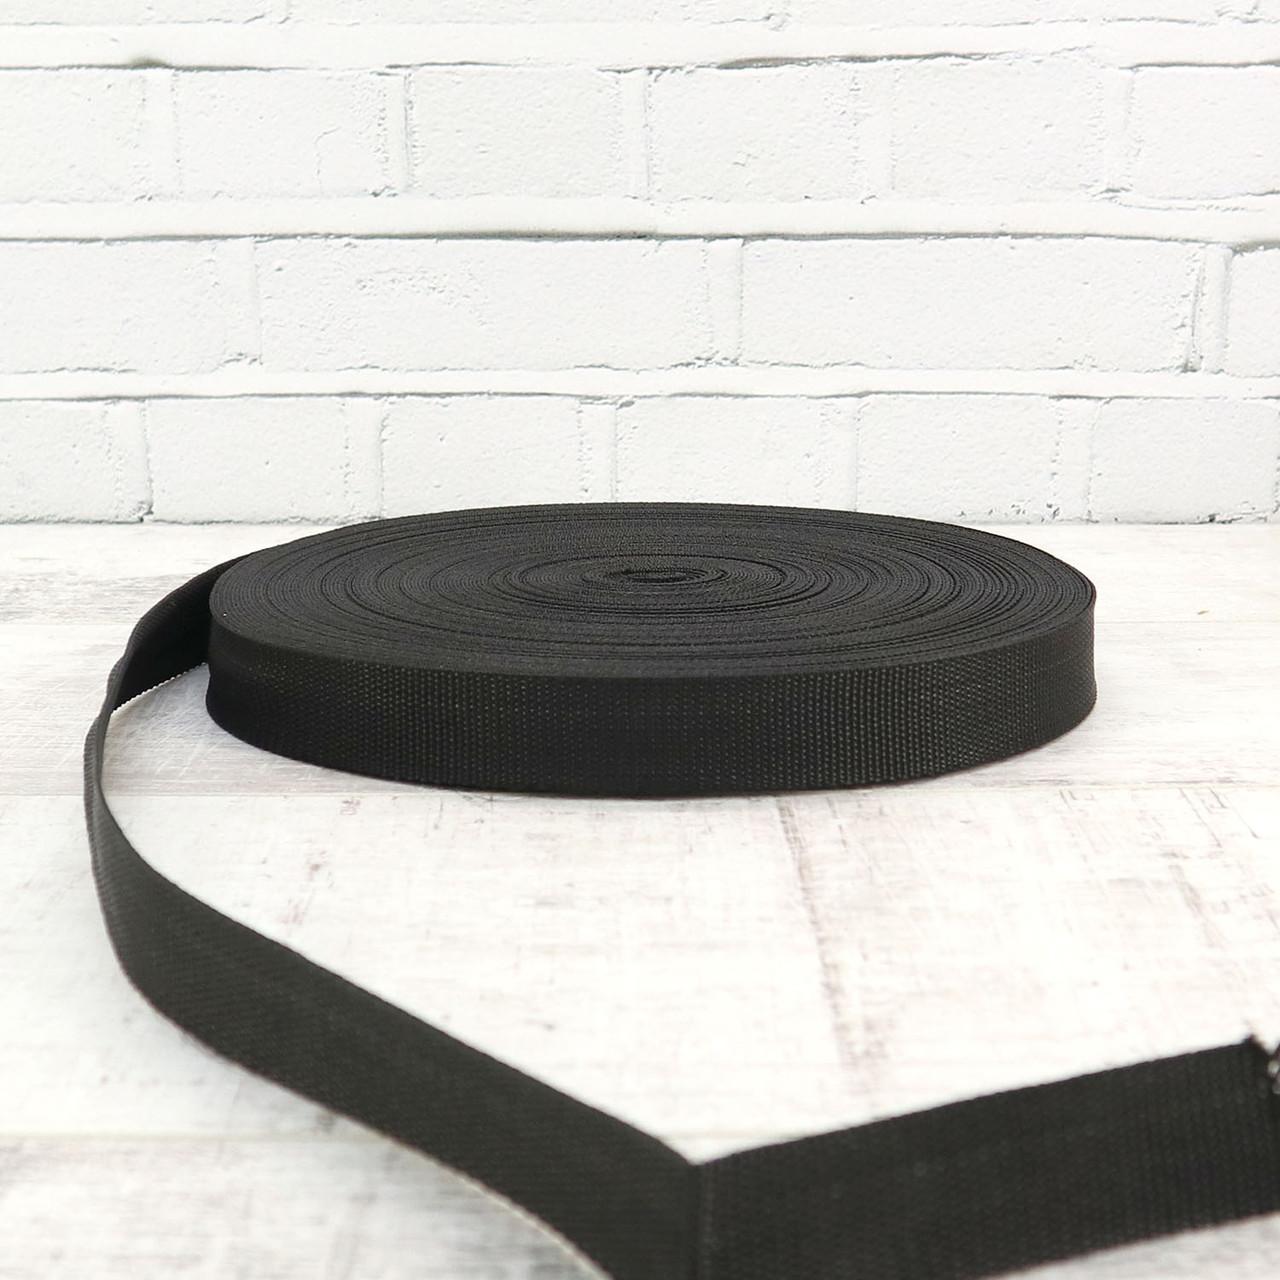 Ременная лента 30 мм полипропилен черная для сумок a4054 (15 м.)